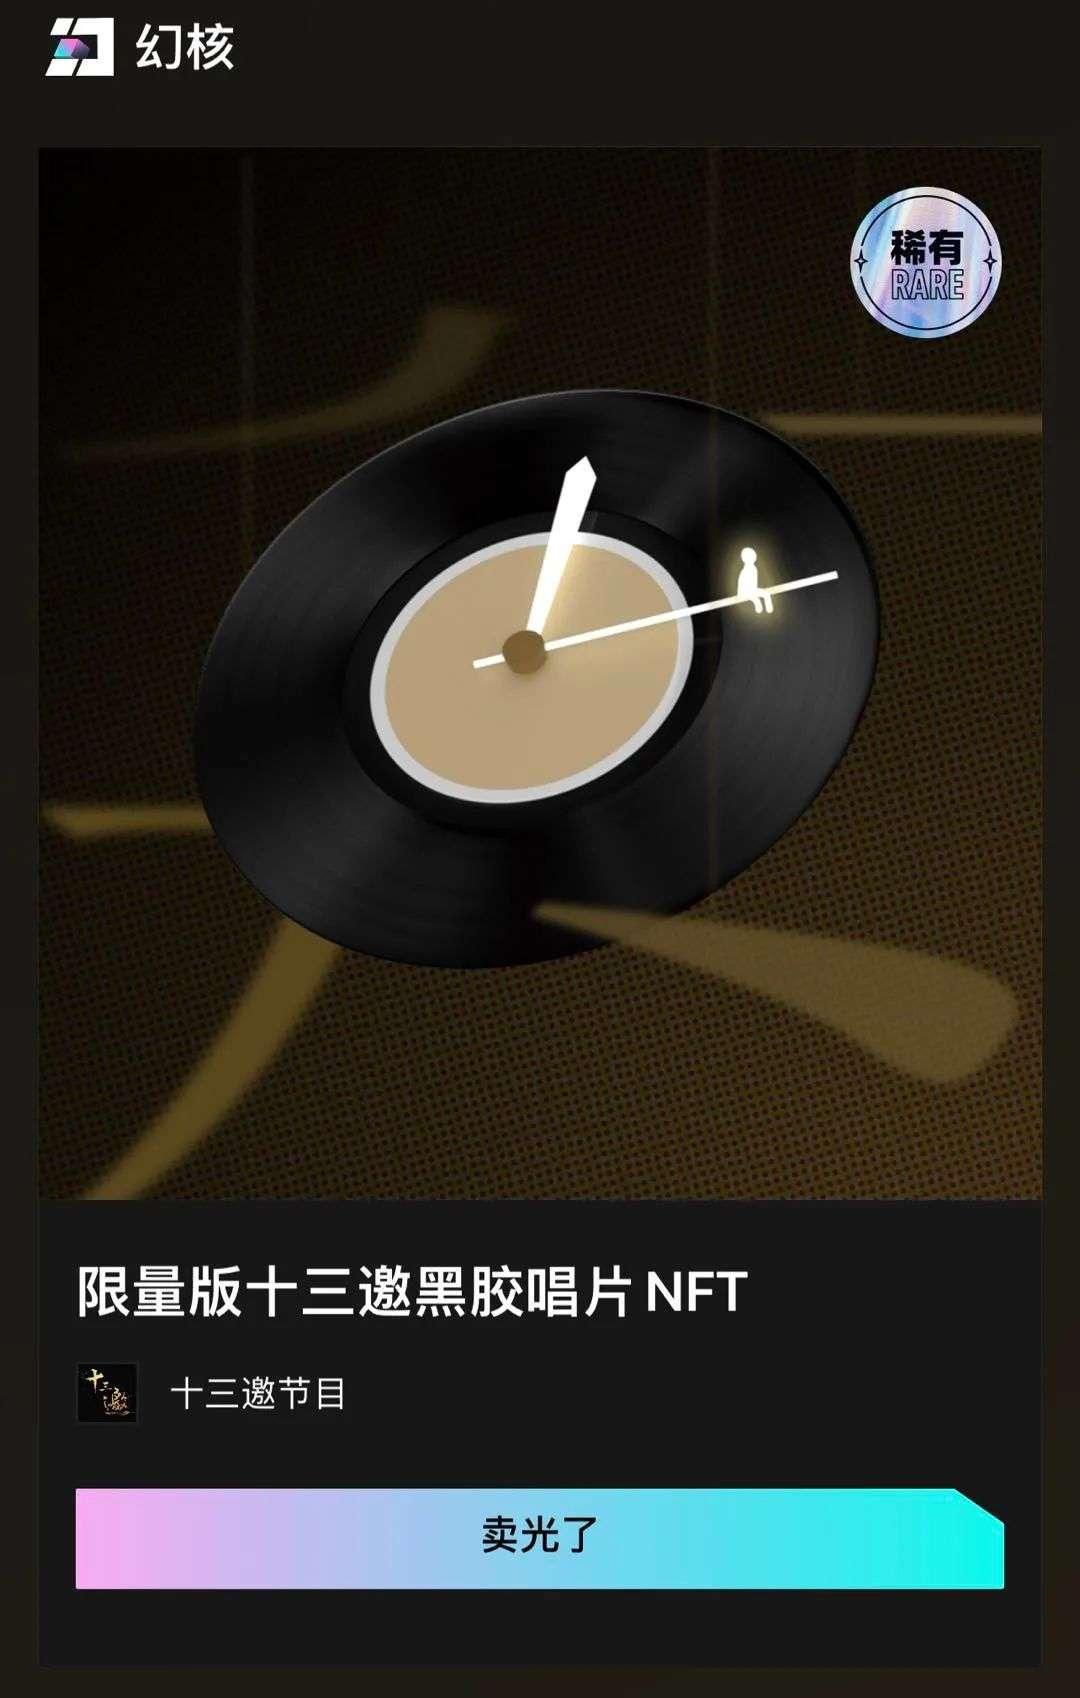 阿里腾讯入局NFT,你会花5000美金买一条区块链短视频吗?